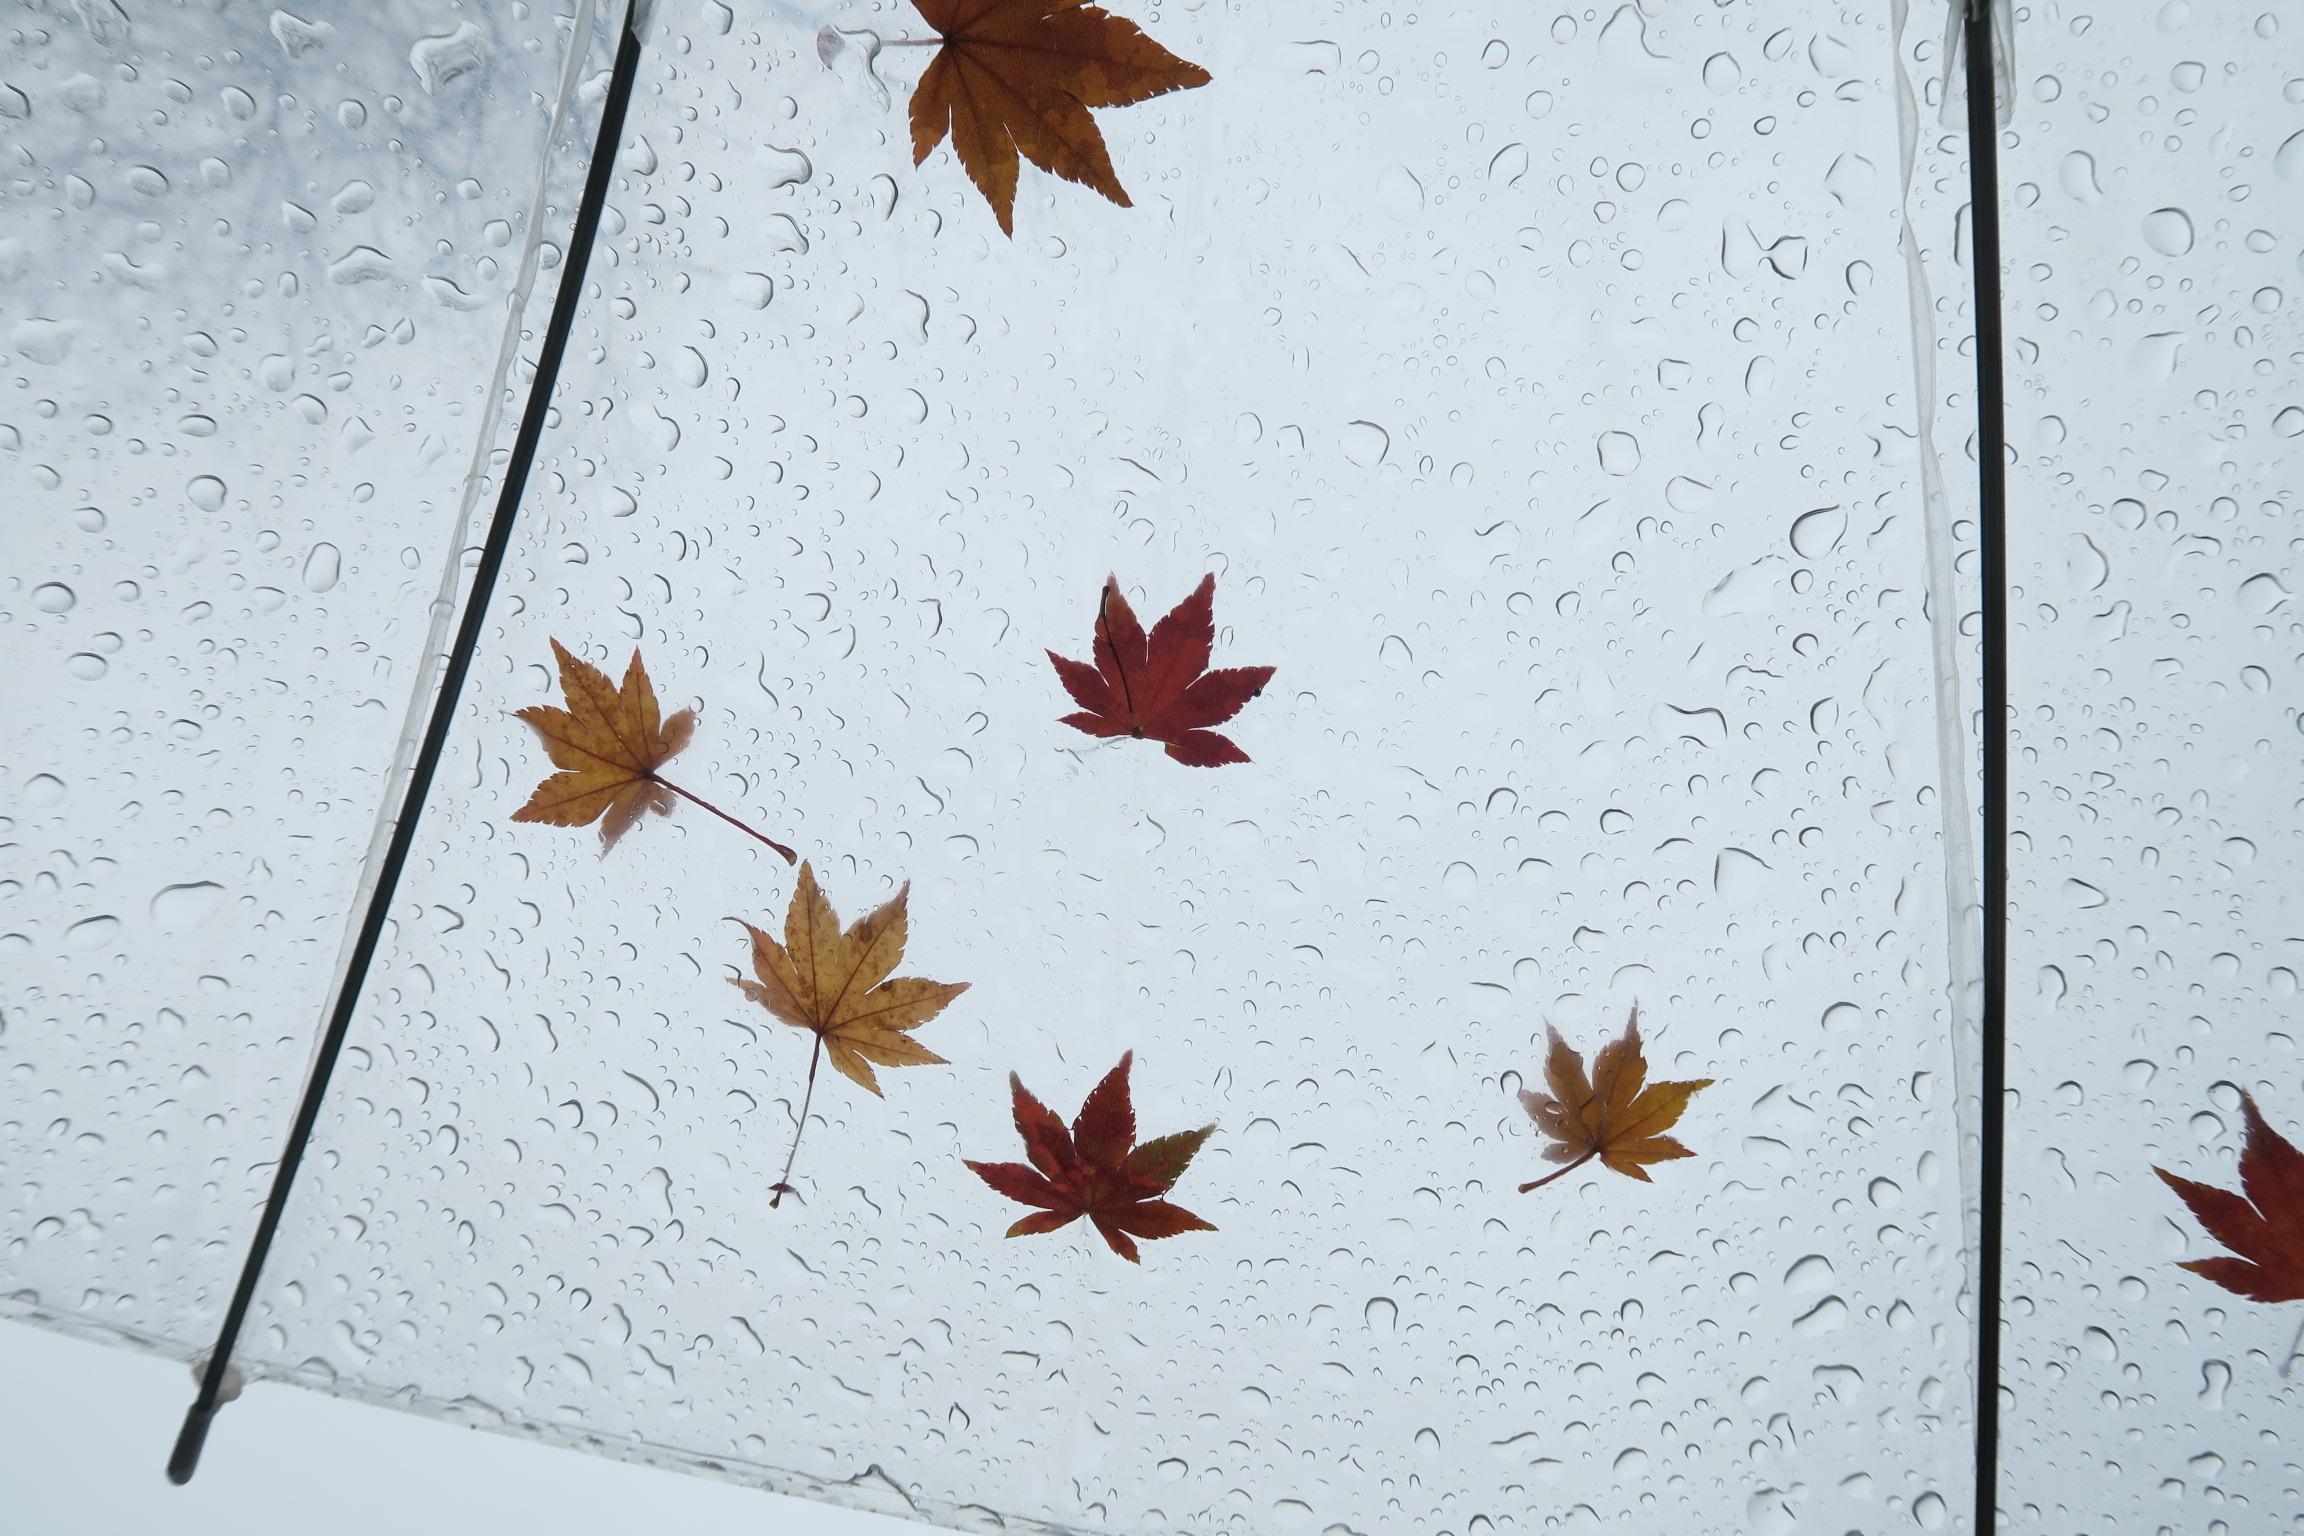 ビニール傘に紅葉の葉を付けてみました!傘をたたんでも取れませんよ。